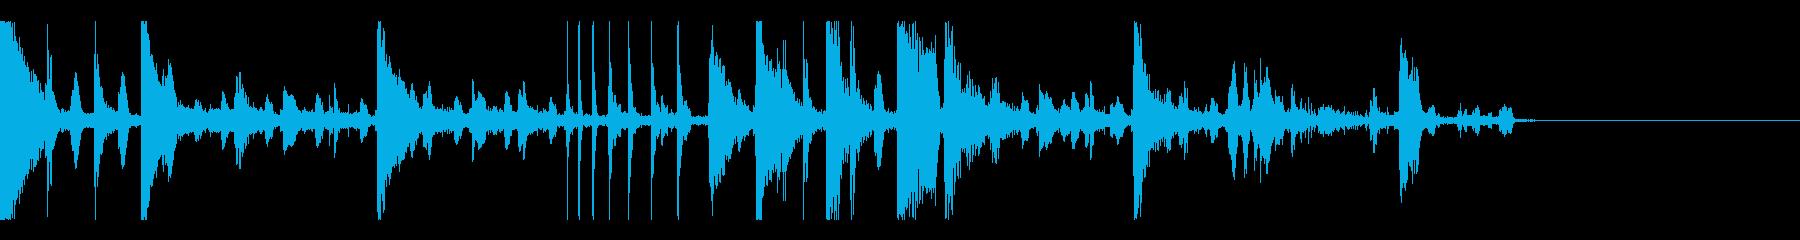 バグった感じのシンキングタイムな音の再生済みの波形